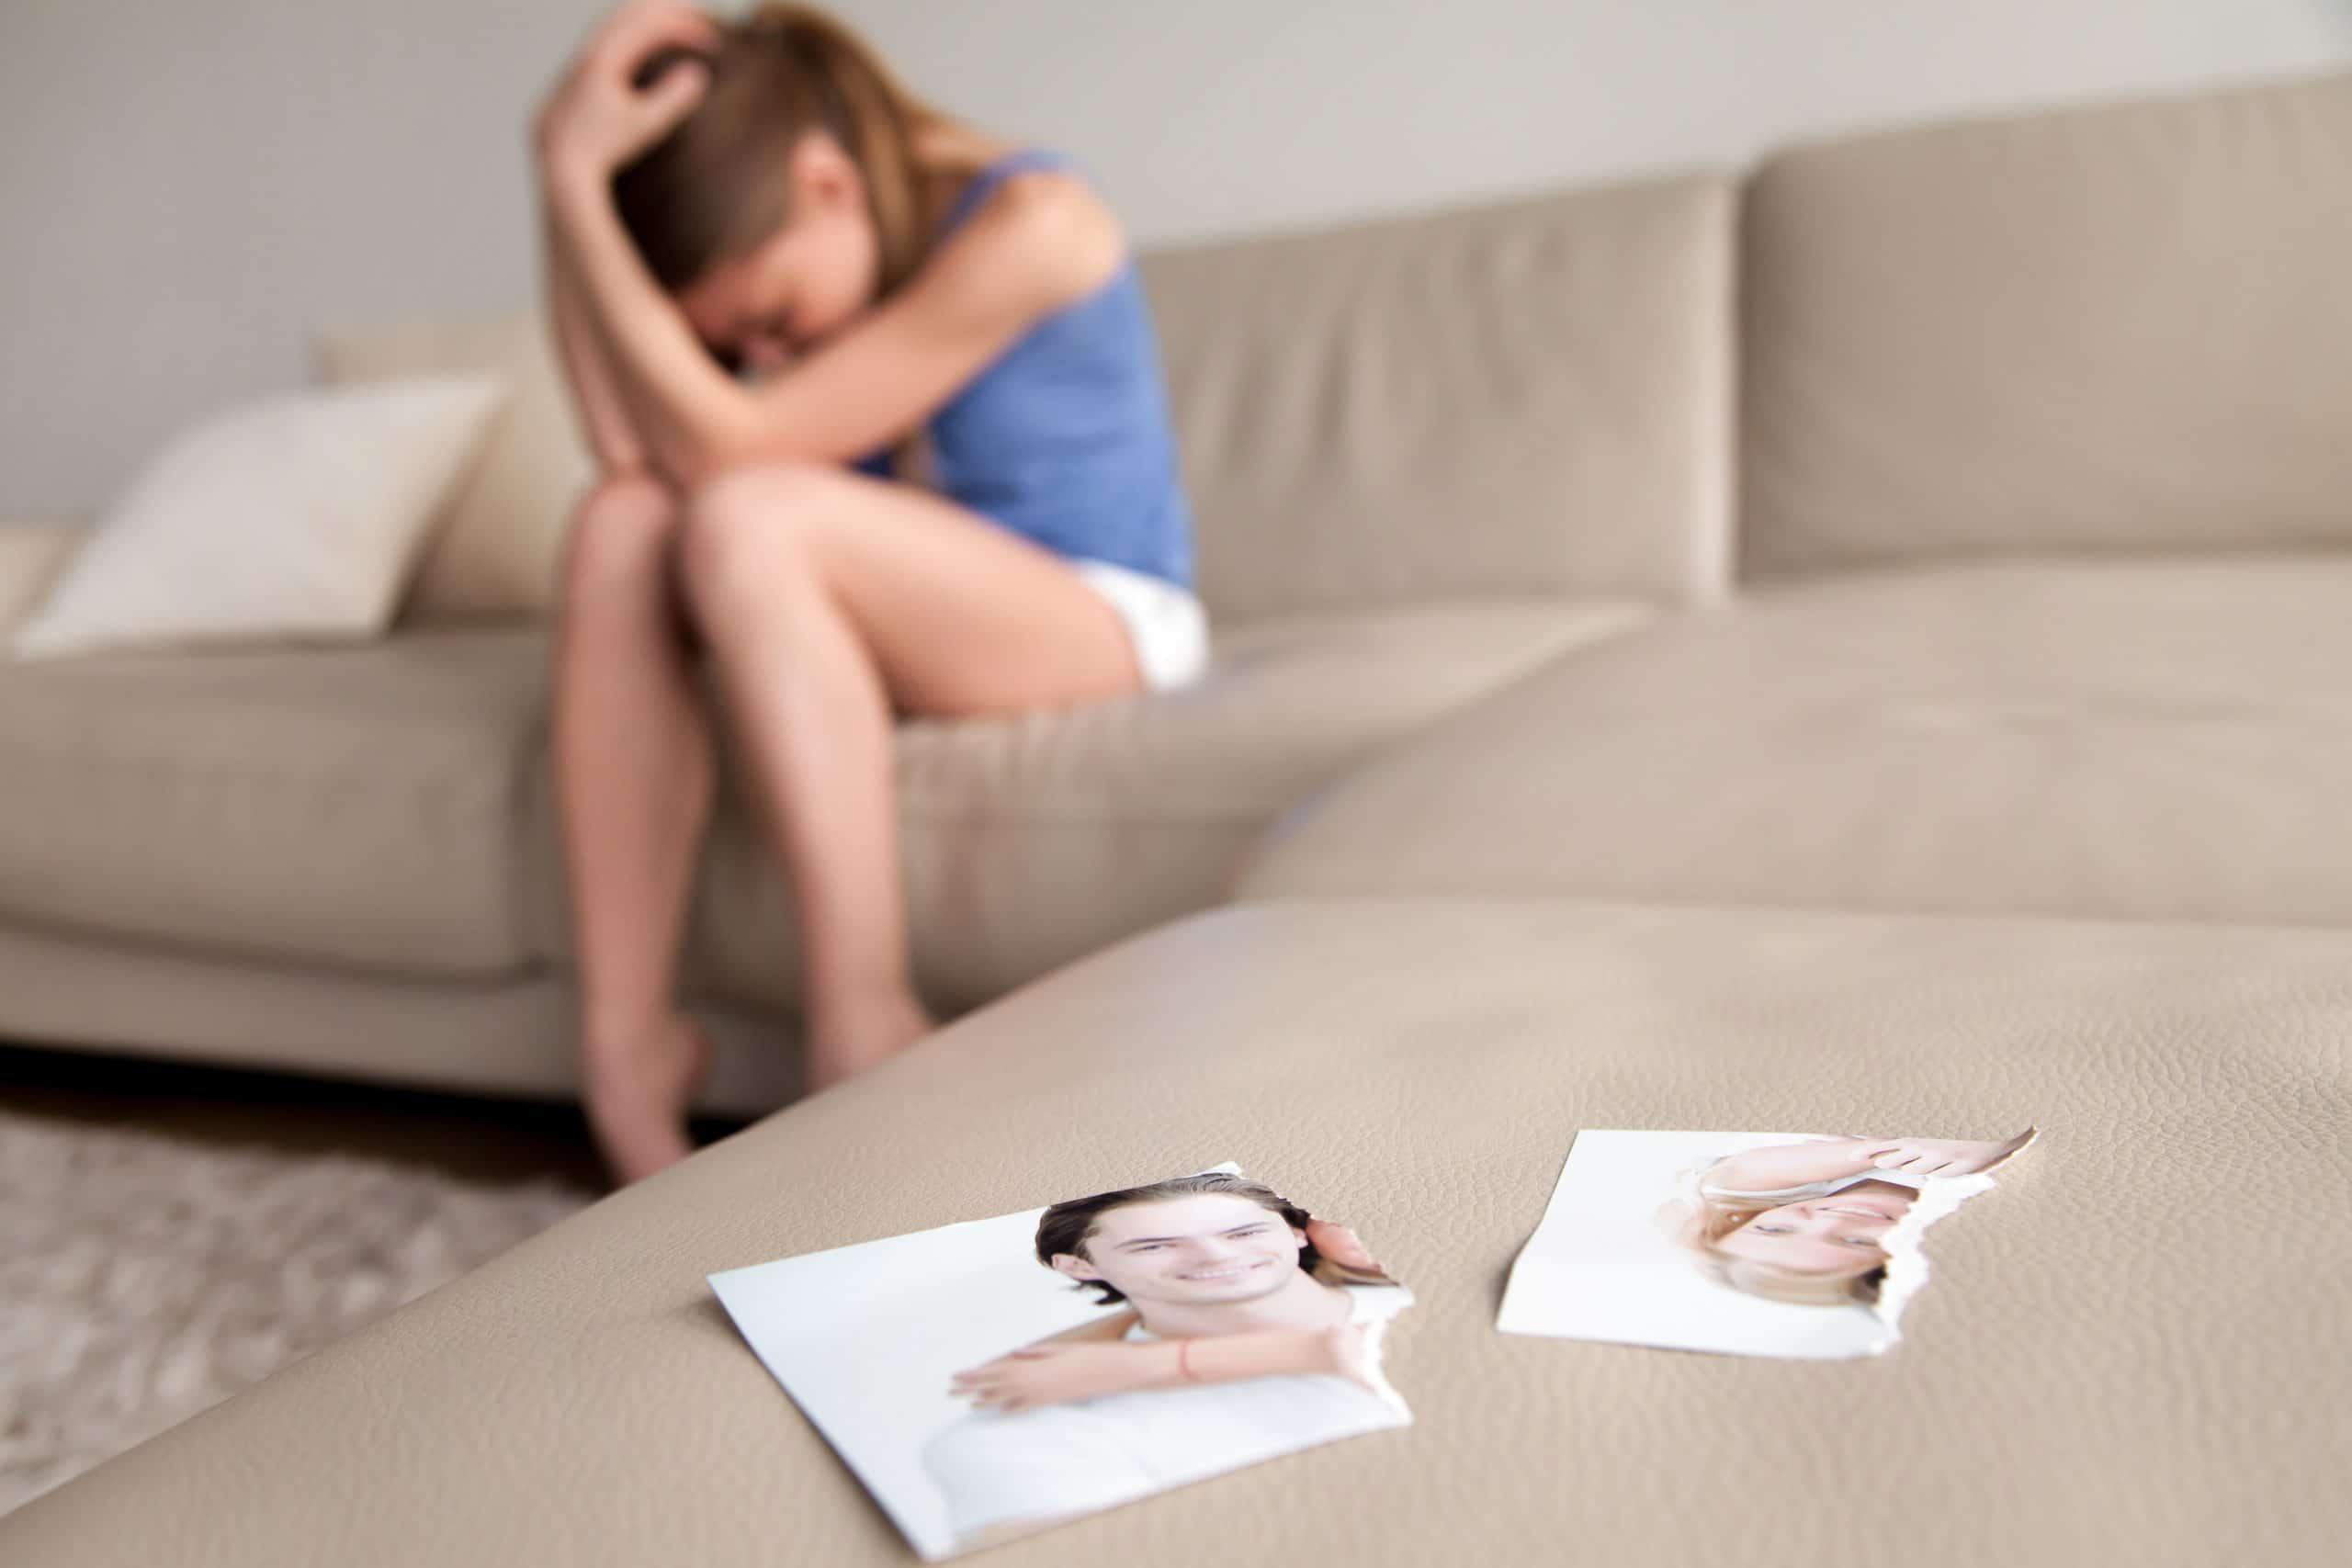 como superar la dependencia emocional